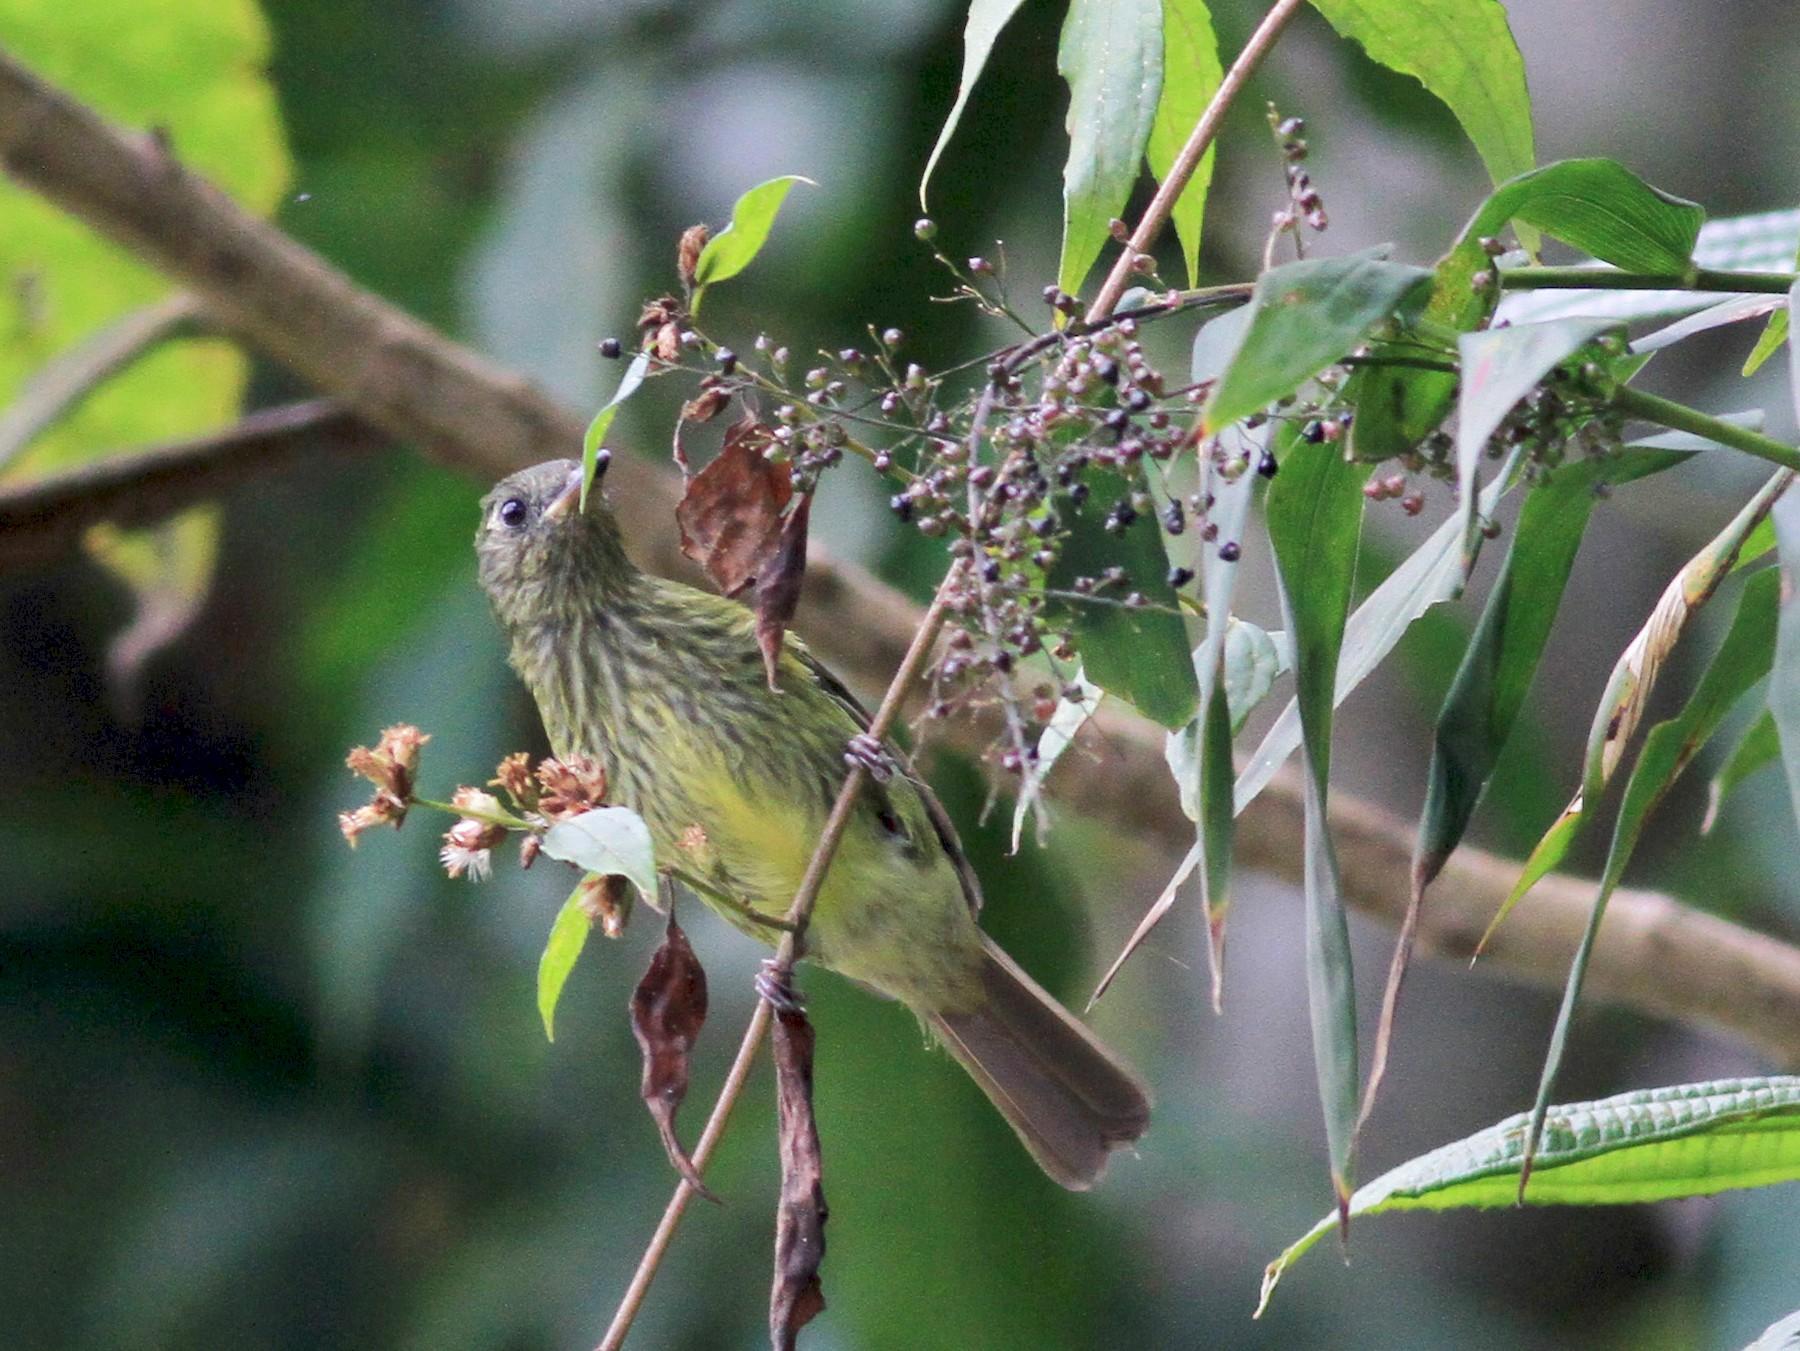 Olive-striped Flycatcher - Jay McGowan